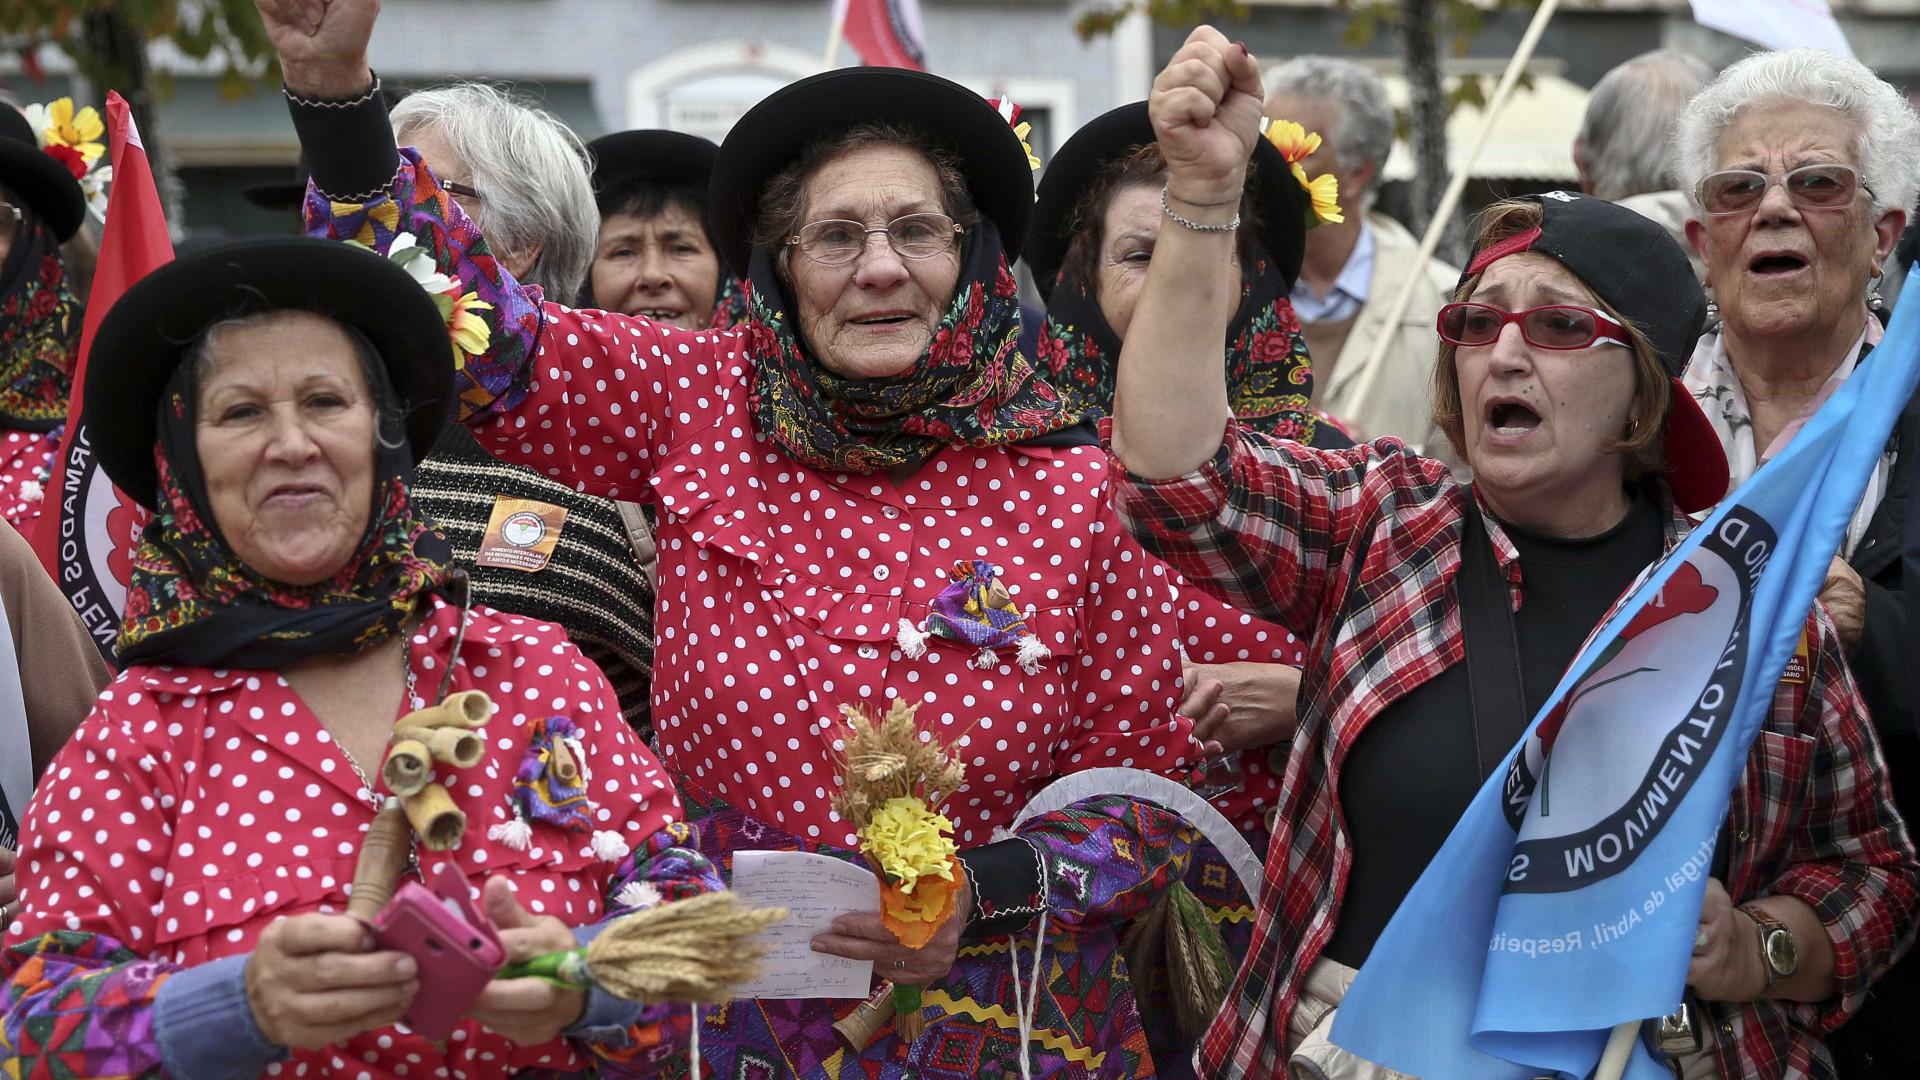 Forças de segurança e Segurança Social vão cooperar para proteger idosos